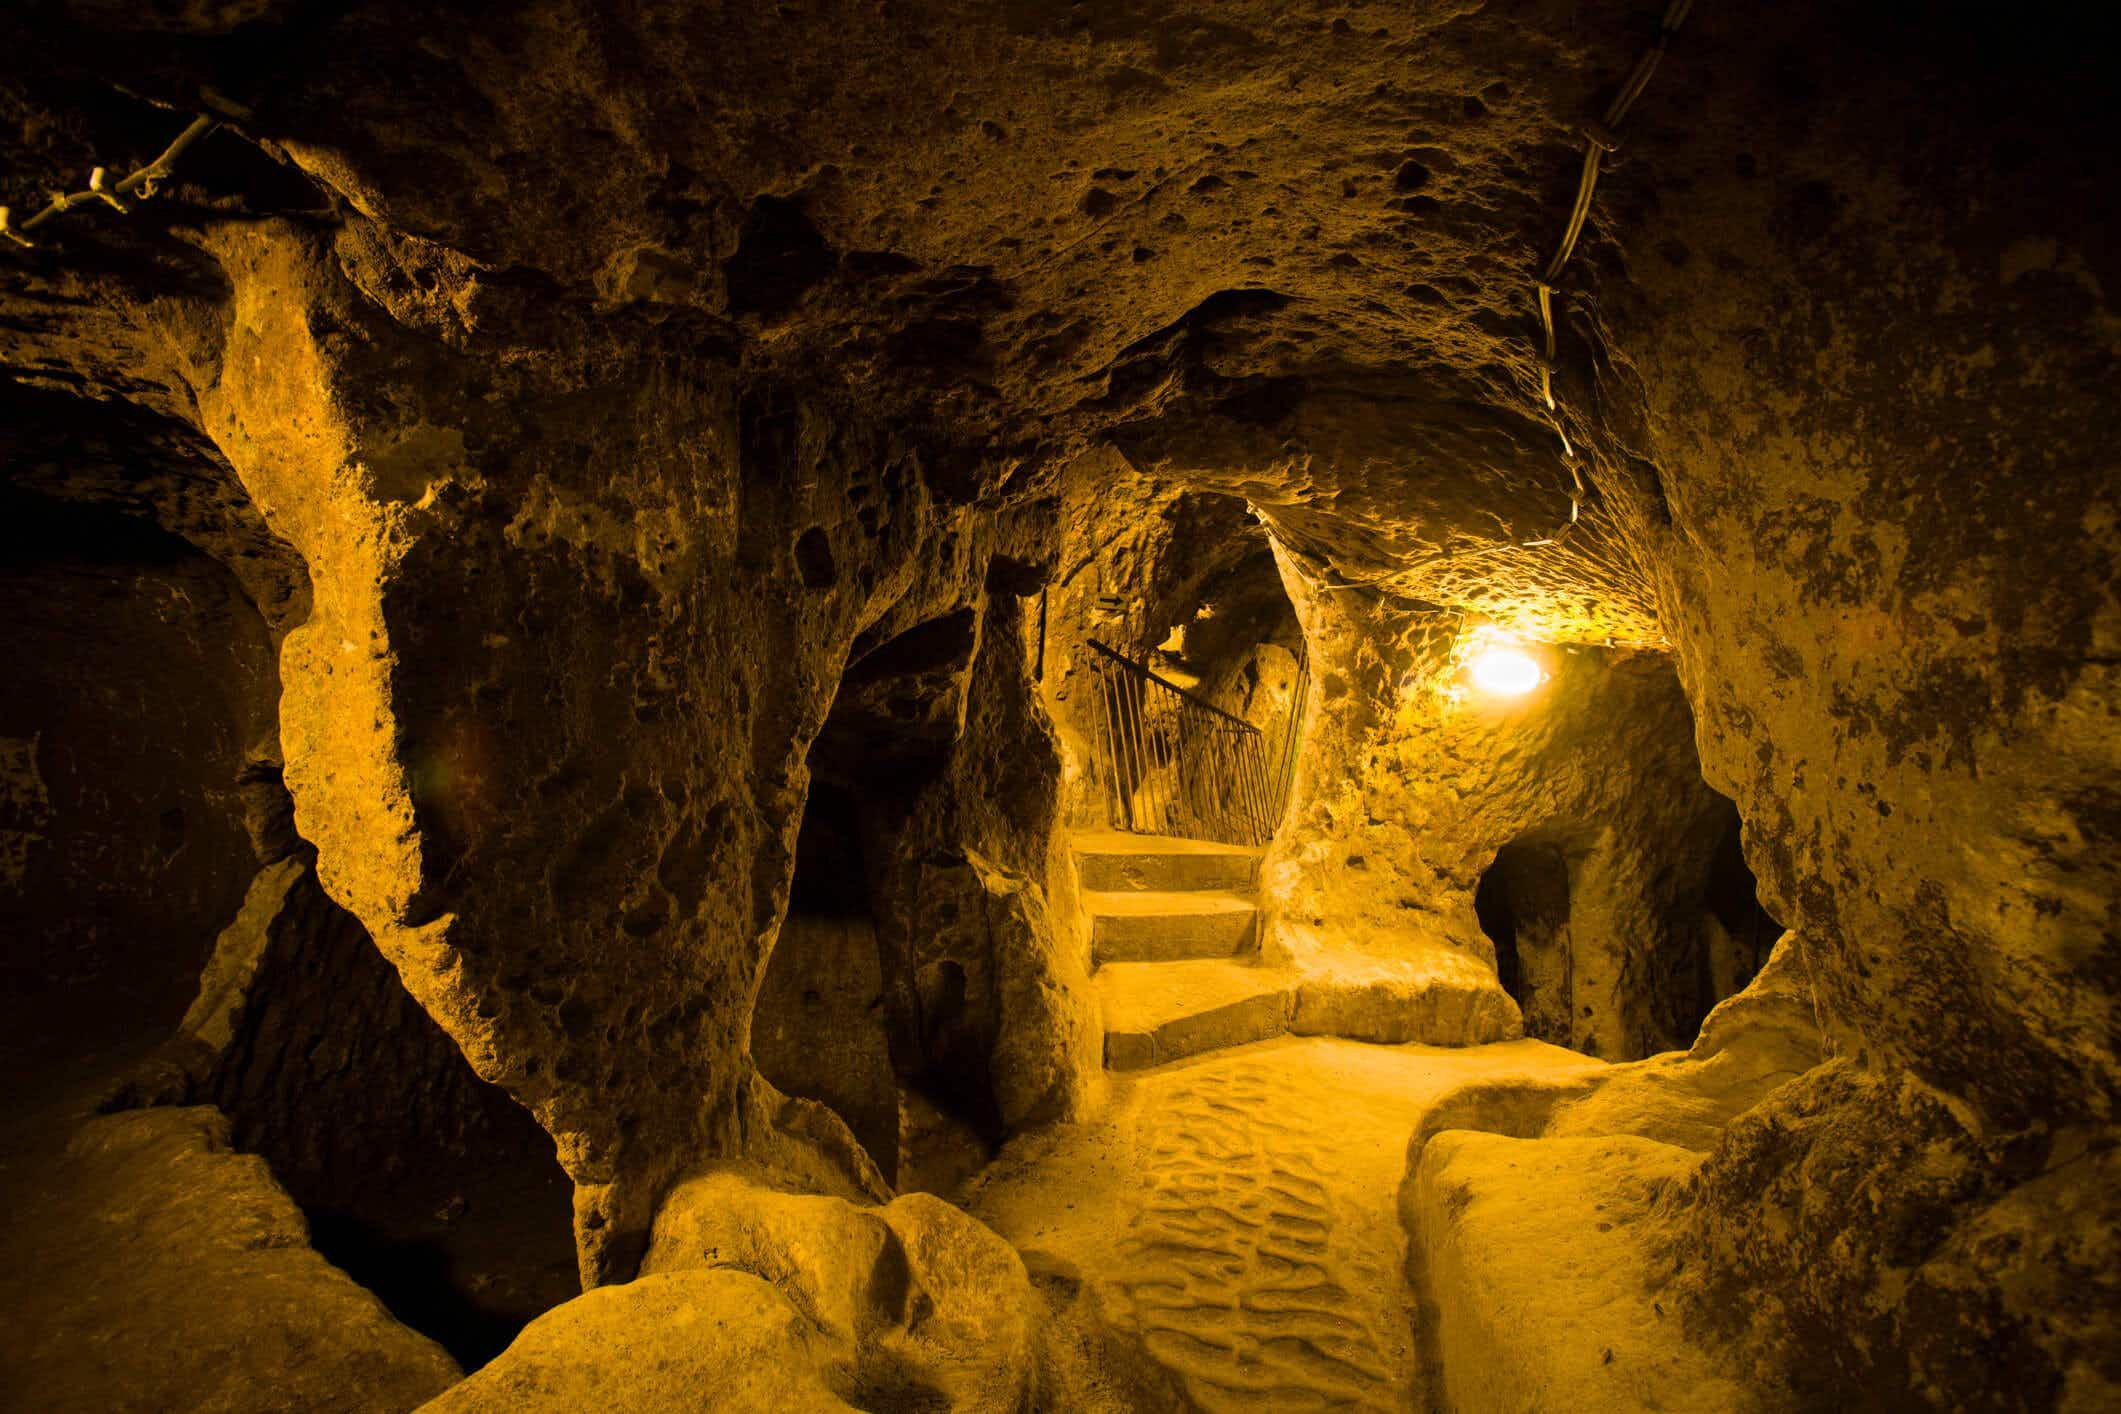 Turkey is opening up more underground cities in Kırşehir